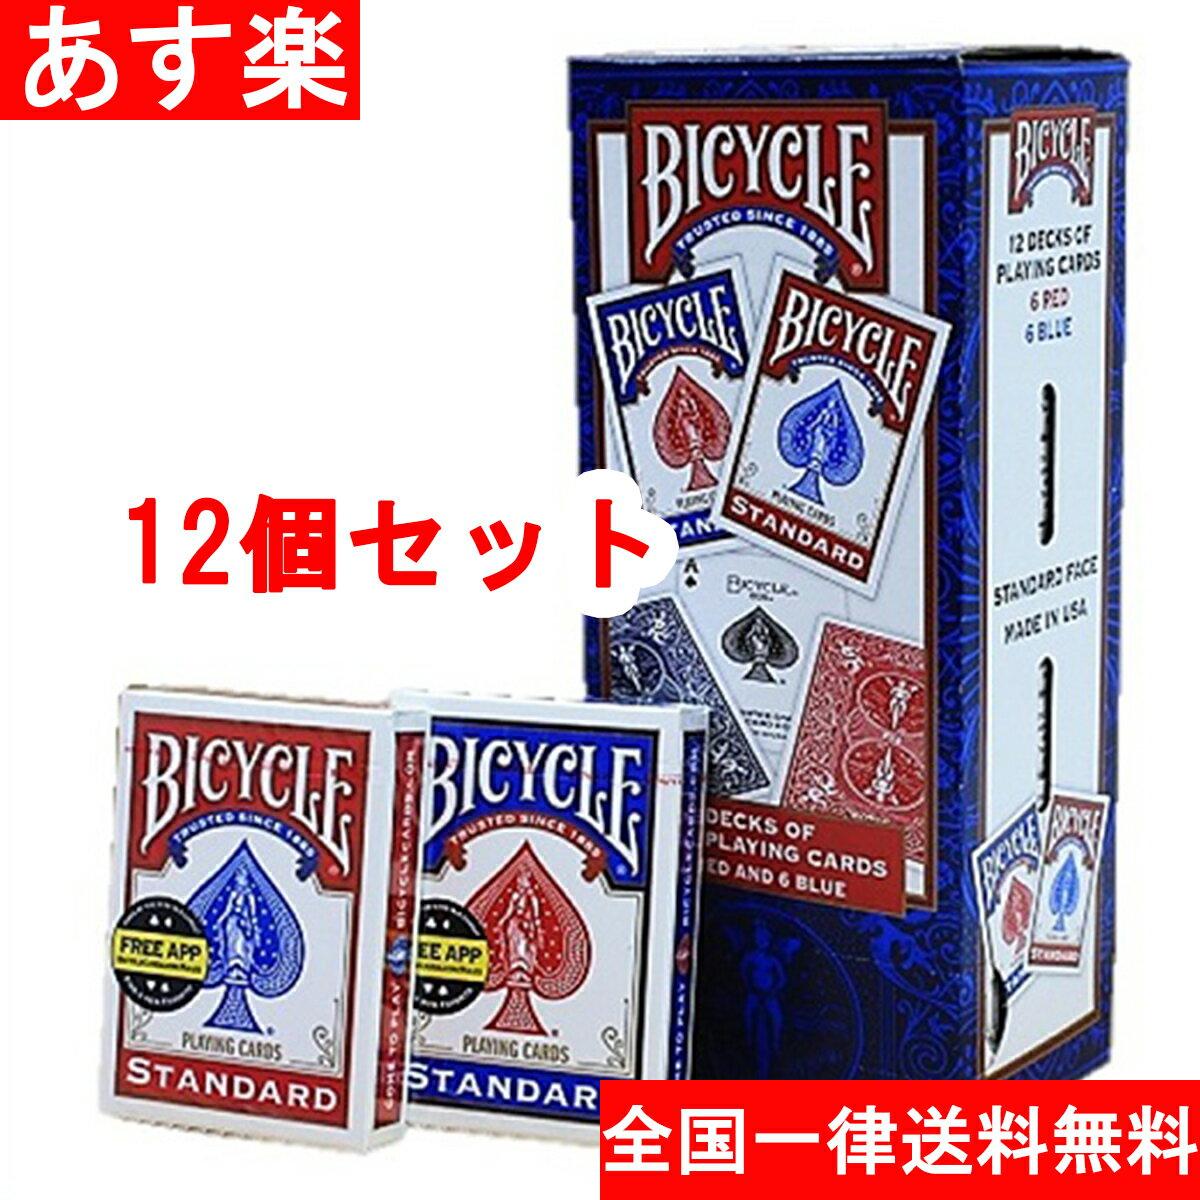 トランプ バイスクル 12個セット BICYCLE